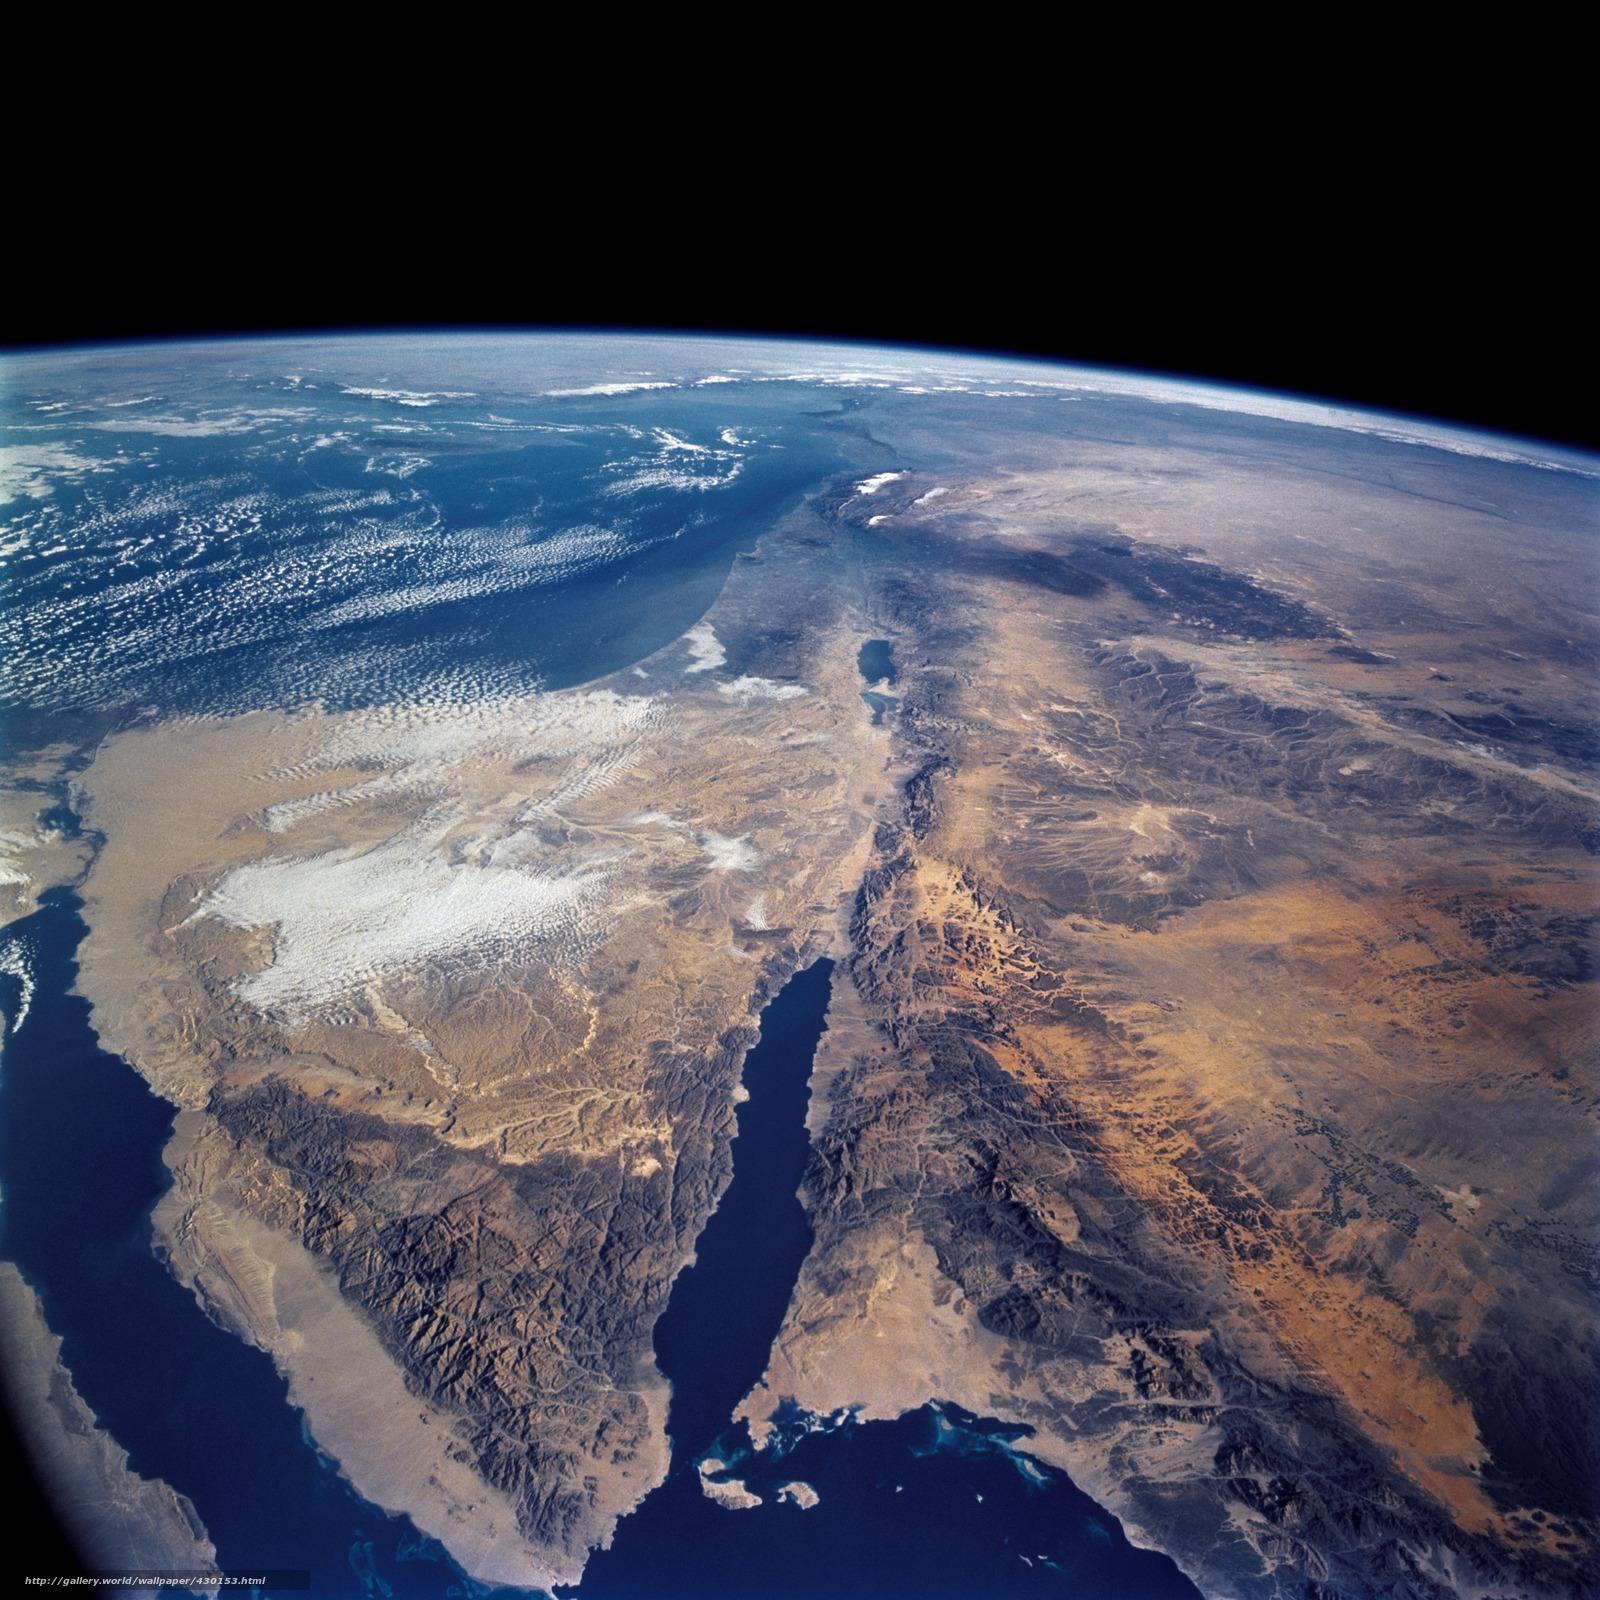 Скачать на телефон обои фото картинку на тему Земля, Синай, Суэцкий канал, Африка, Аравийский полуостров, Красное море, разширение 6817x6817